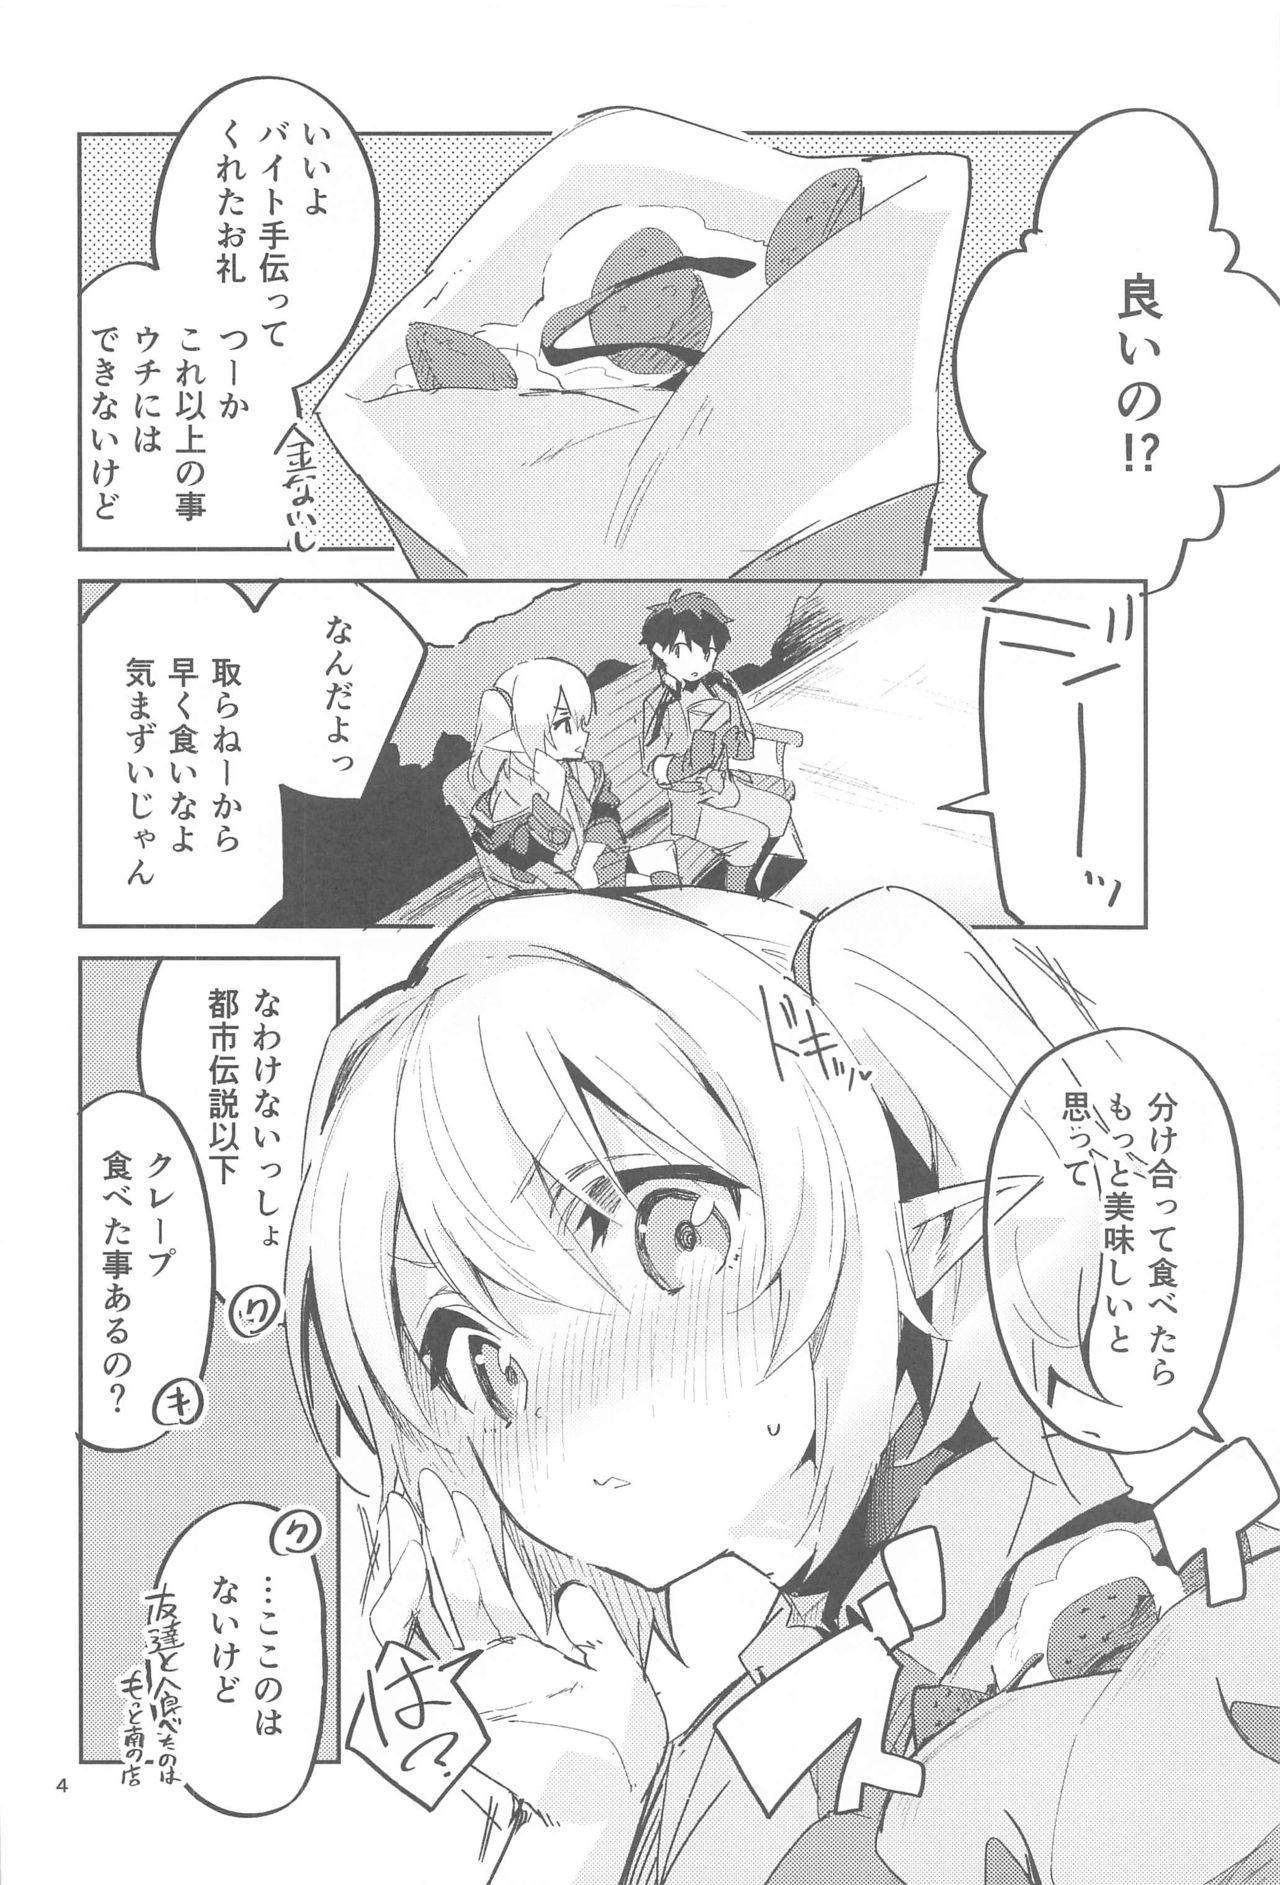 koiyakuhakuchiniamashi 2